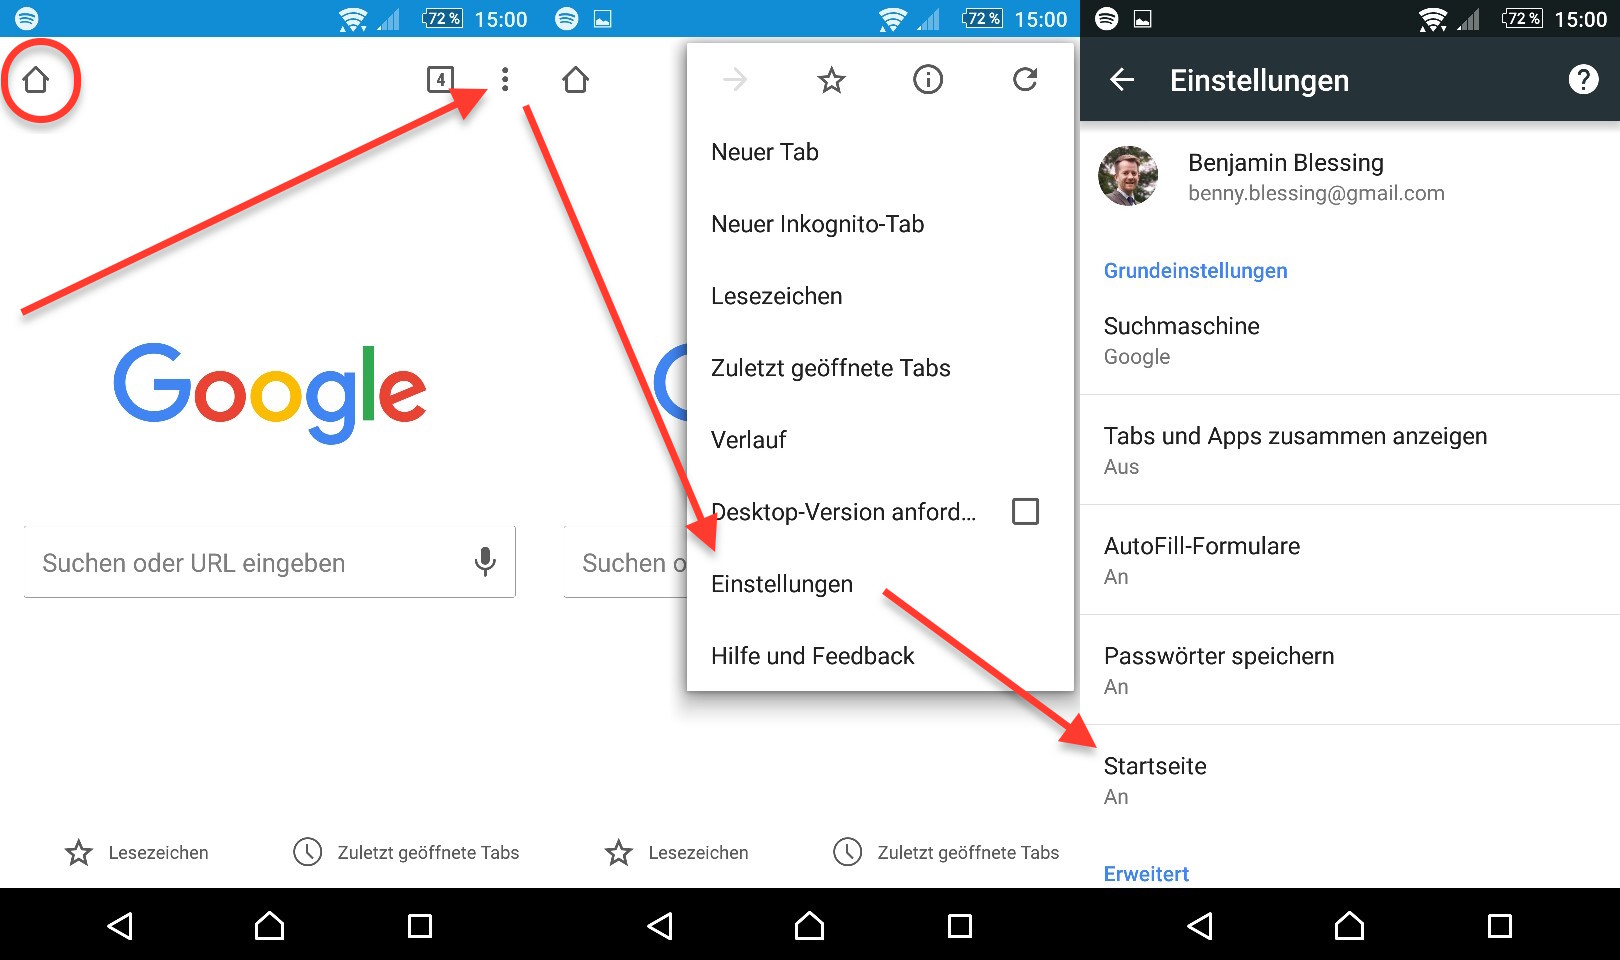 Google Chrome App Startseite löschen oder ändern   RandomBrick.de